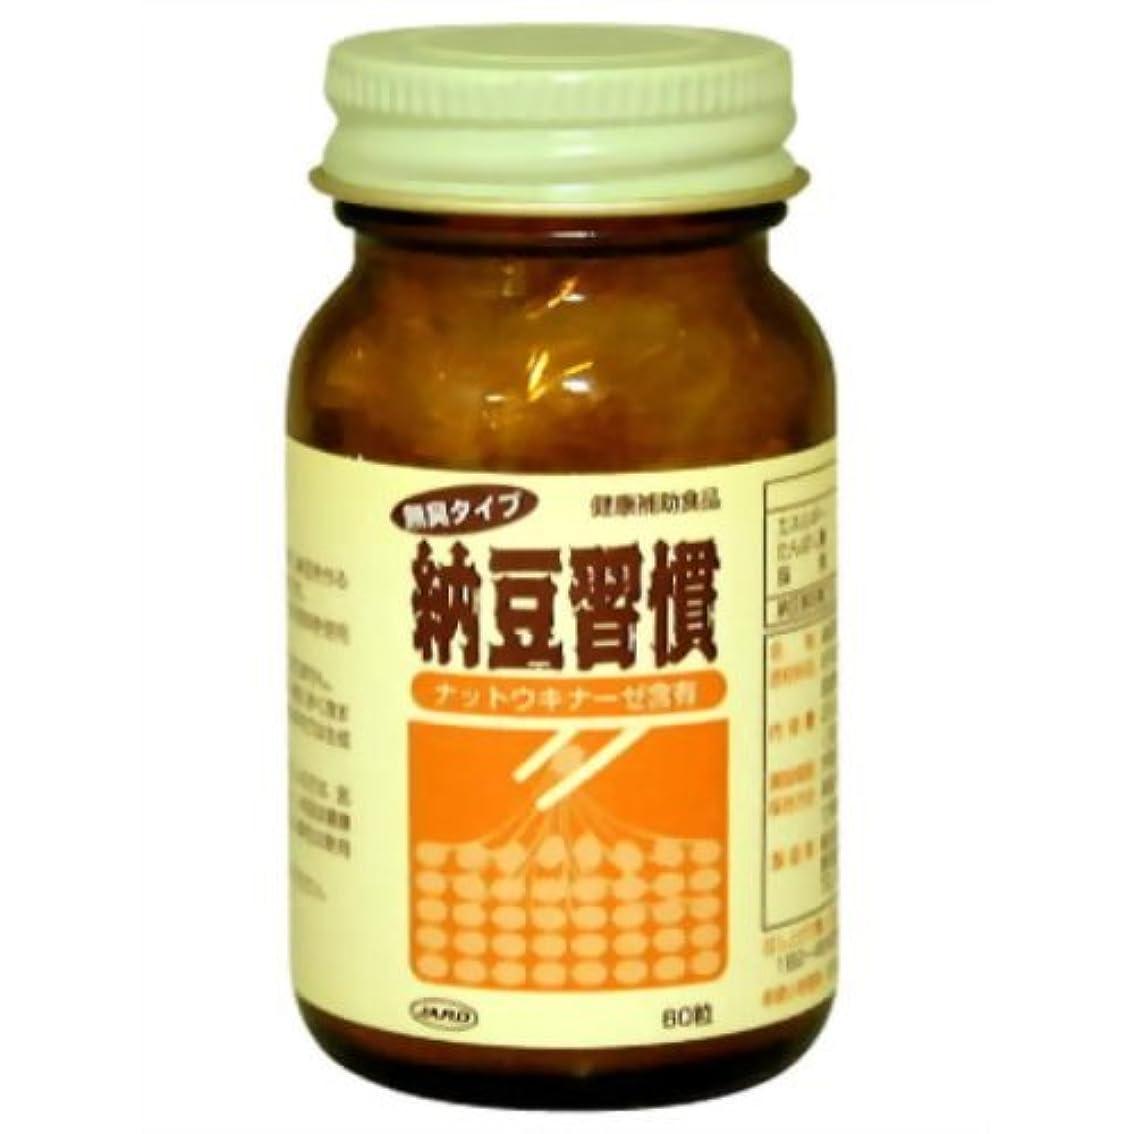 想定するバラ色違反する納豆習慣 ナットウキナーゼ含有